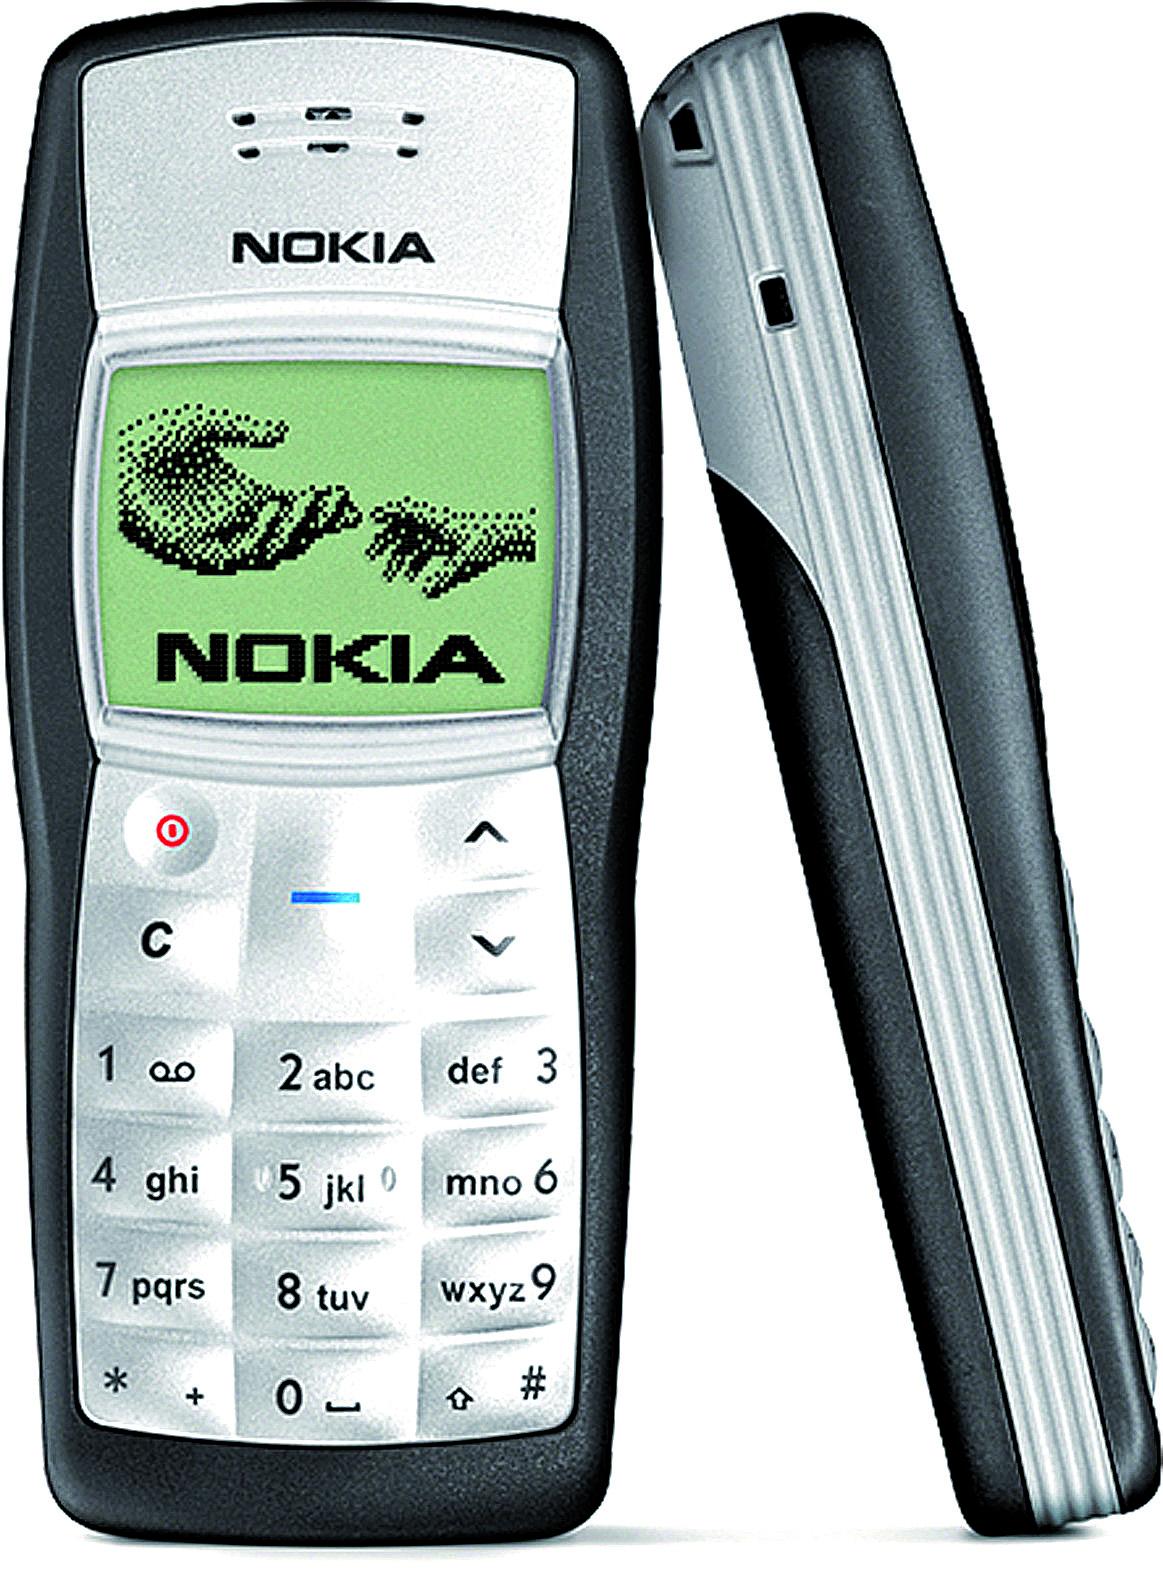 imagens celulares antigos - Fotos de aparelhos celulares antigos Blog Tecnologia